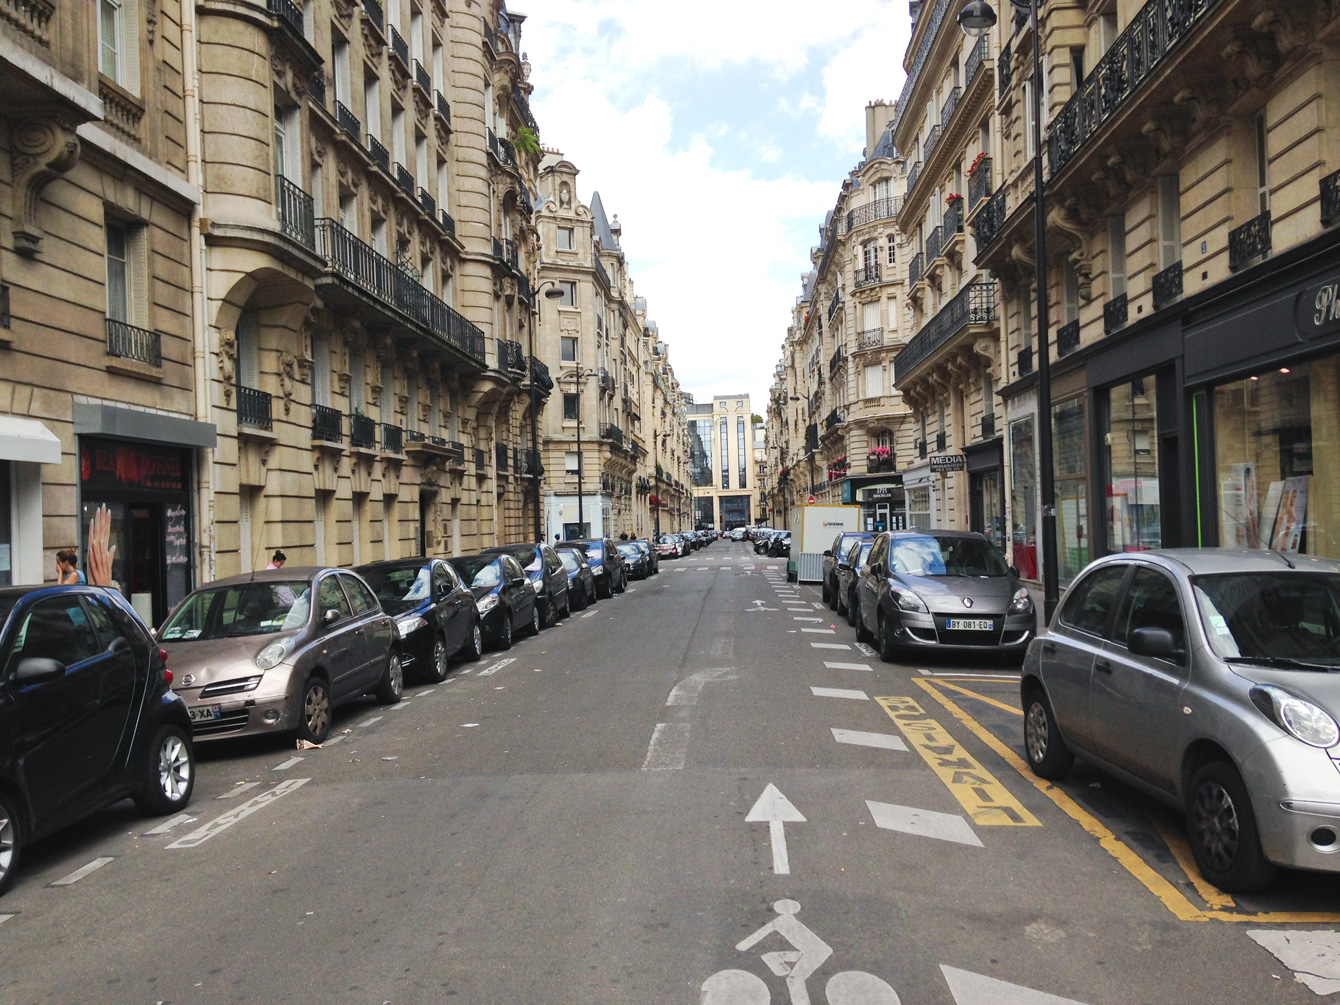 少し路地に入ると、整然と車が並んでいた。